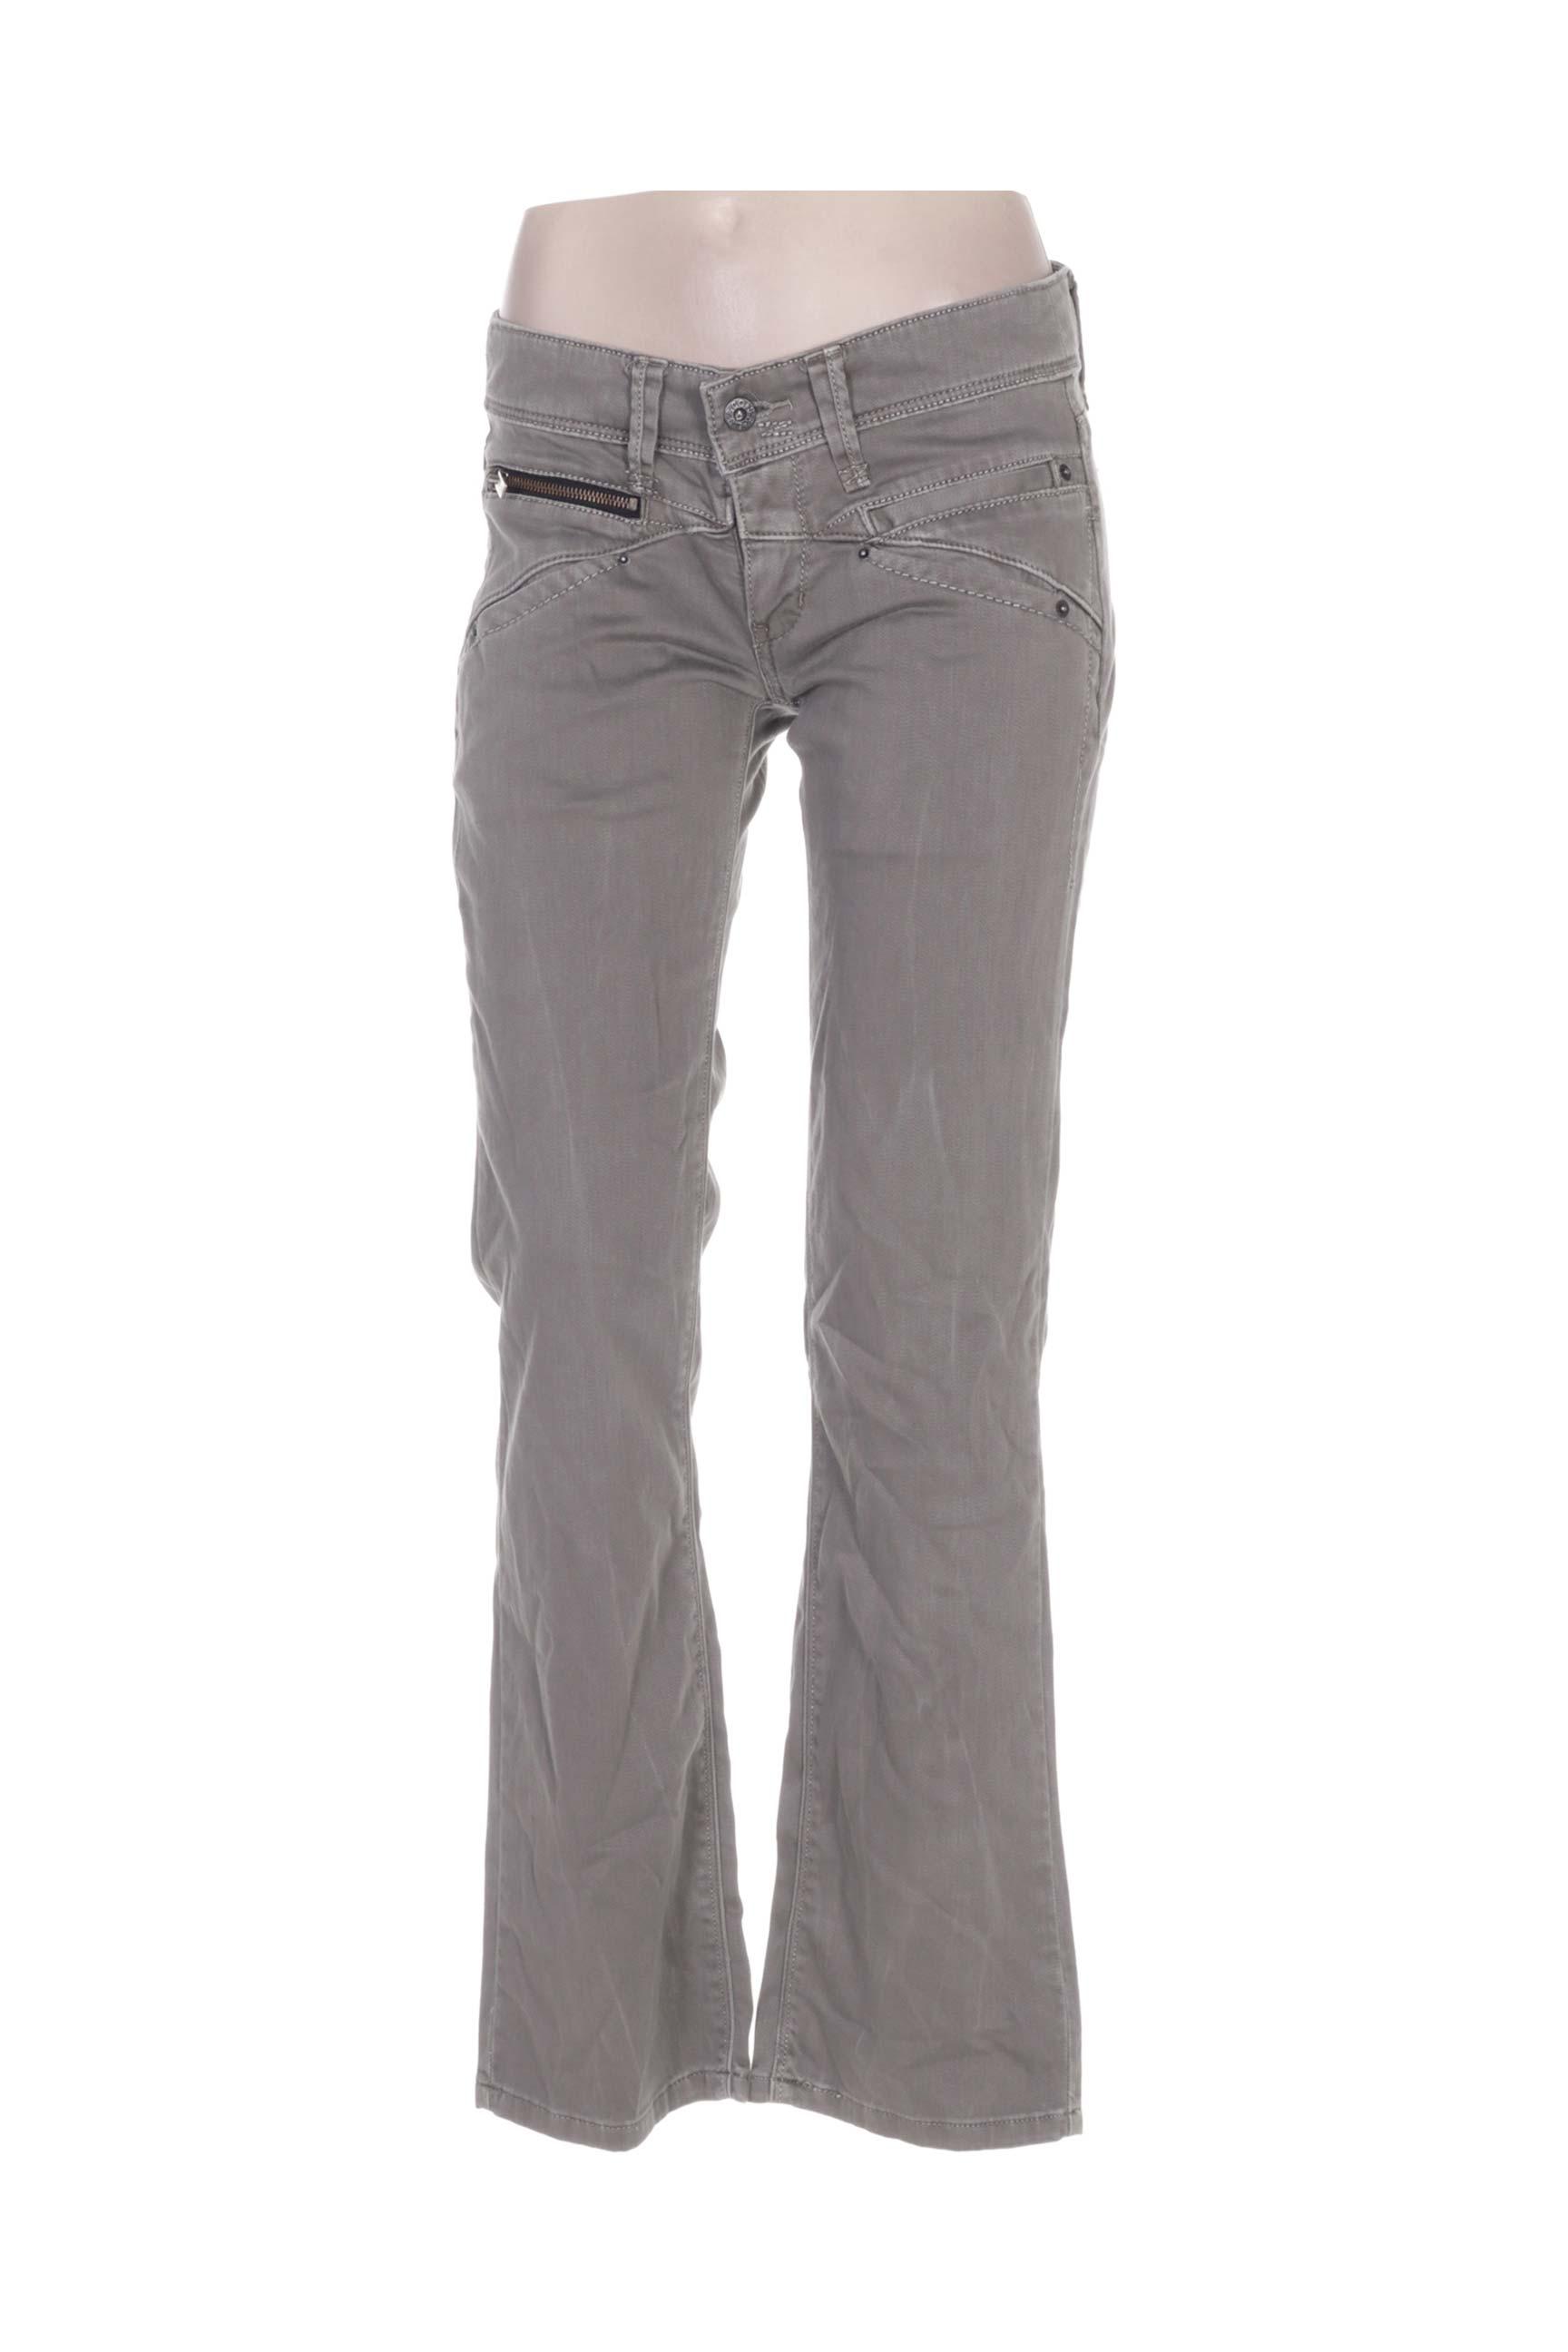 Levis Jeans Coupe Droite Femme De Couleur Gris En Soldes Pas Cher 1194943-gris00 - Modz